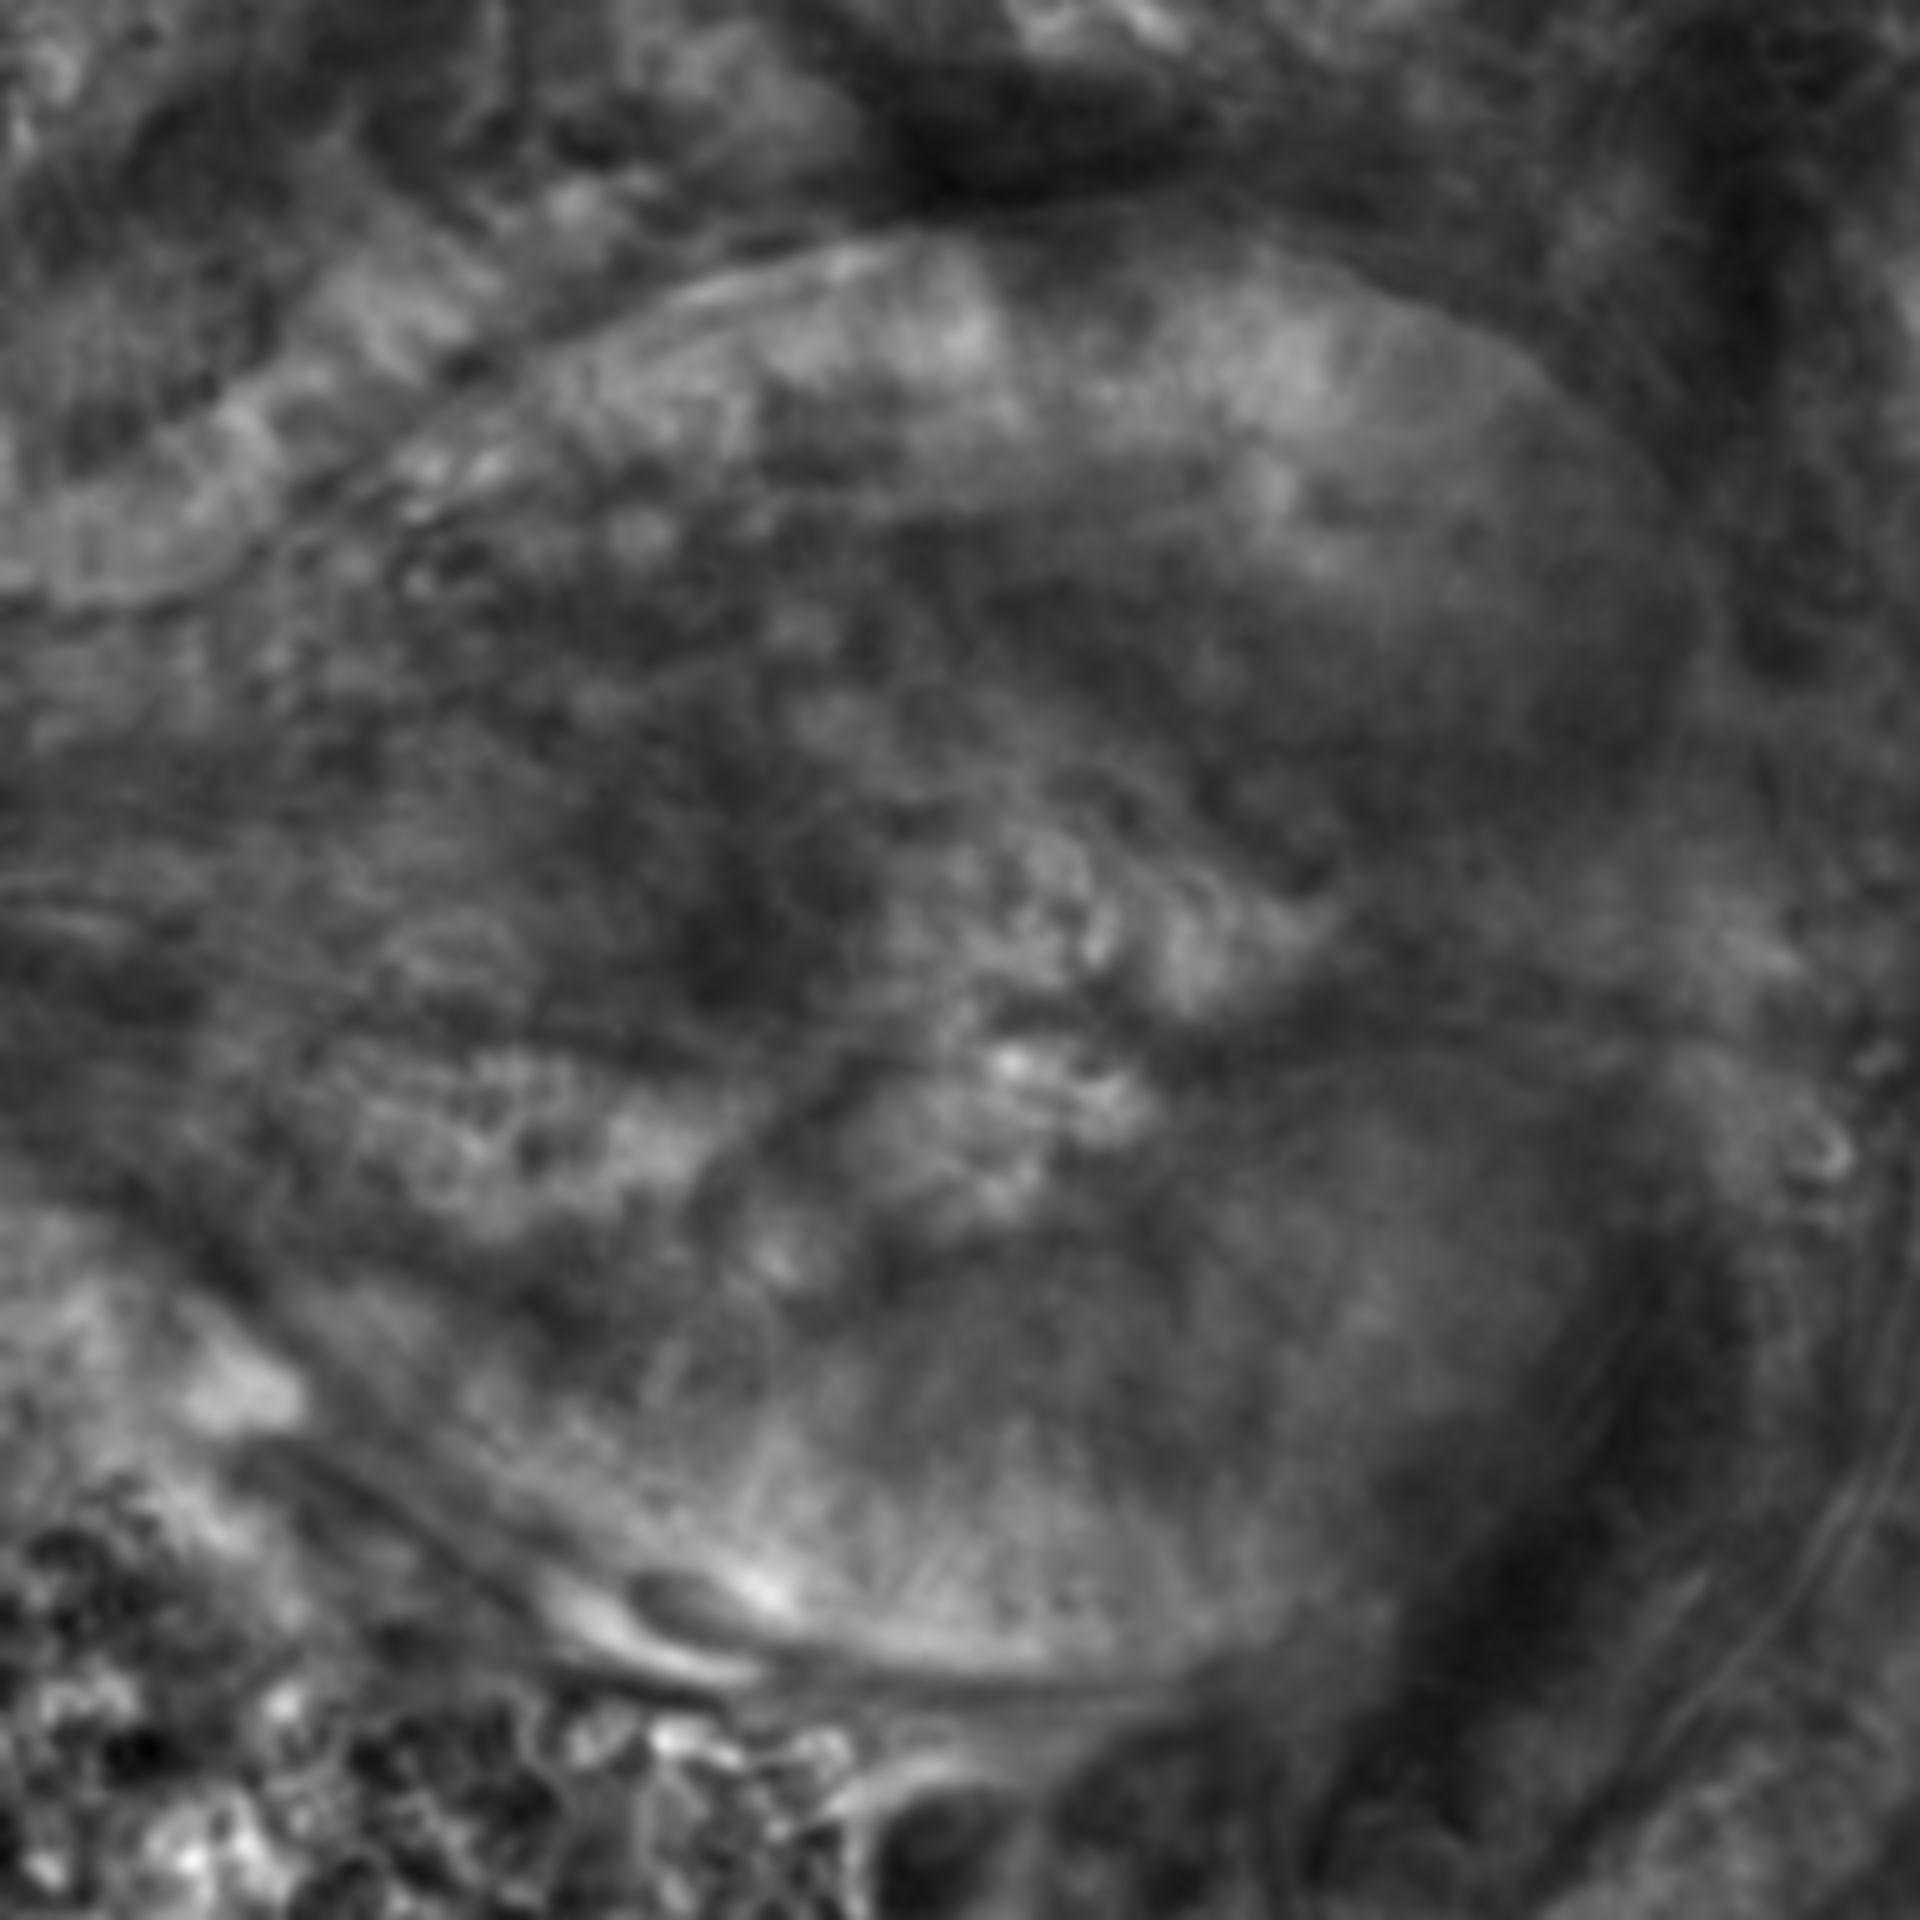 Caenorhabditis elegans - CIL:2565